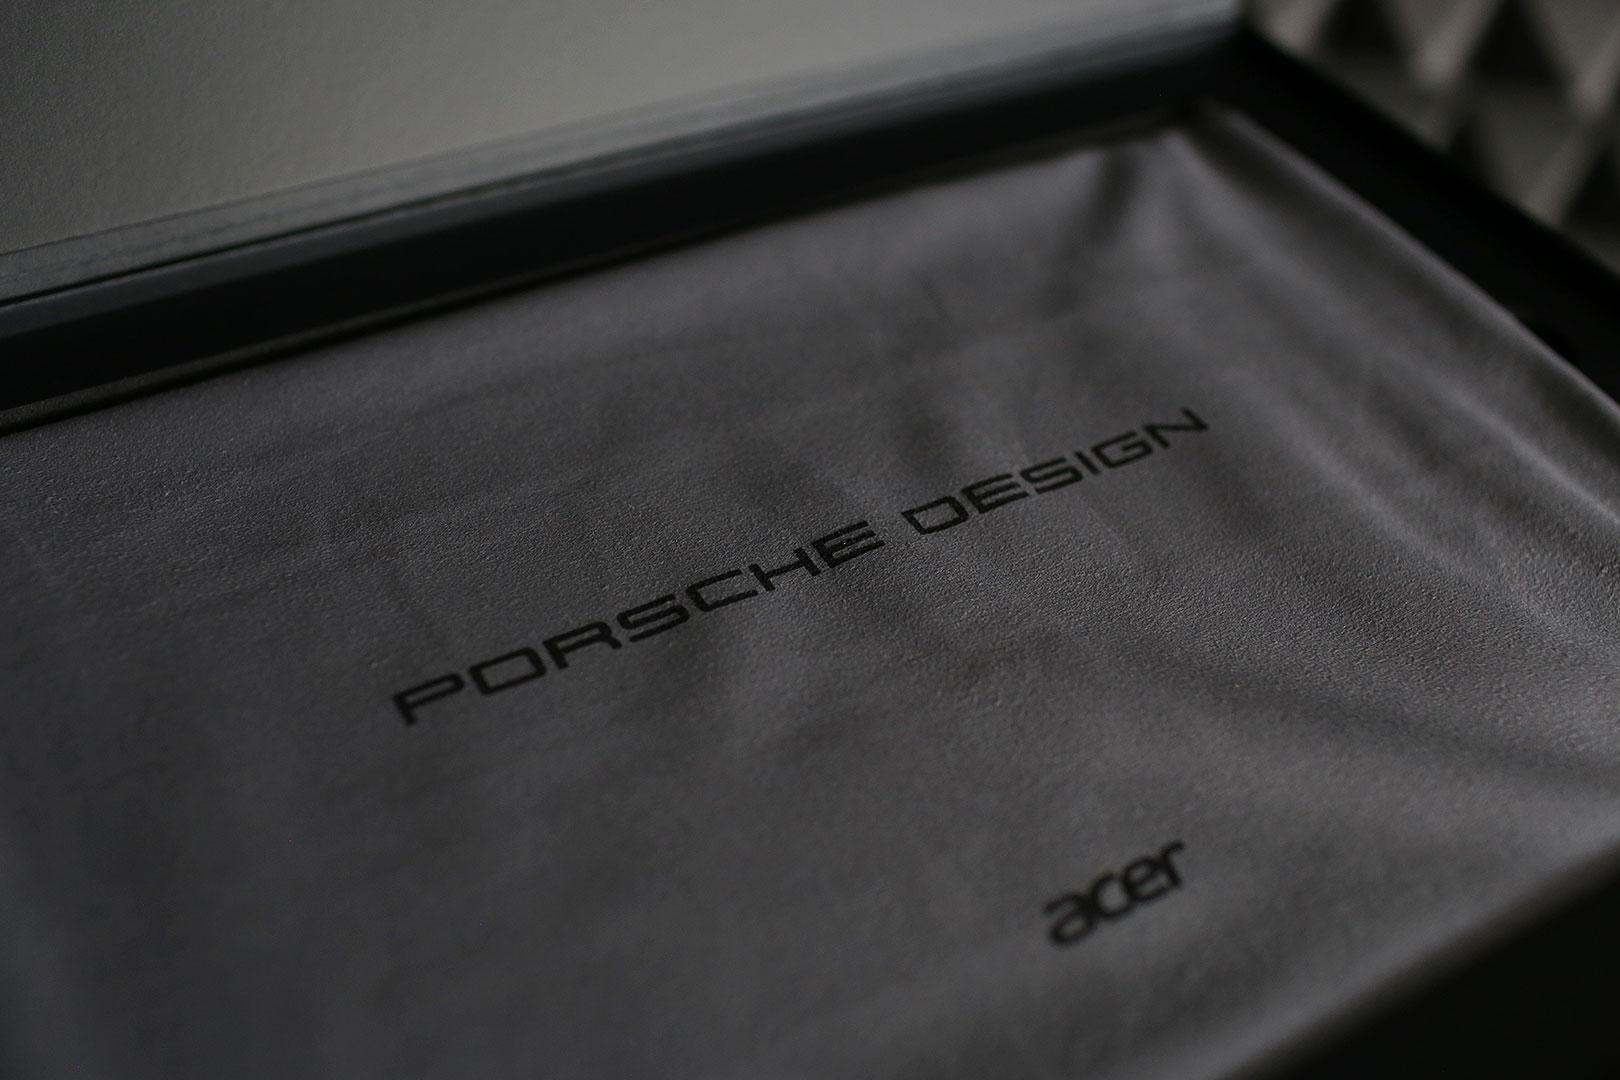 Das Porsche Design Acer Book RS